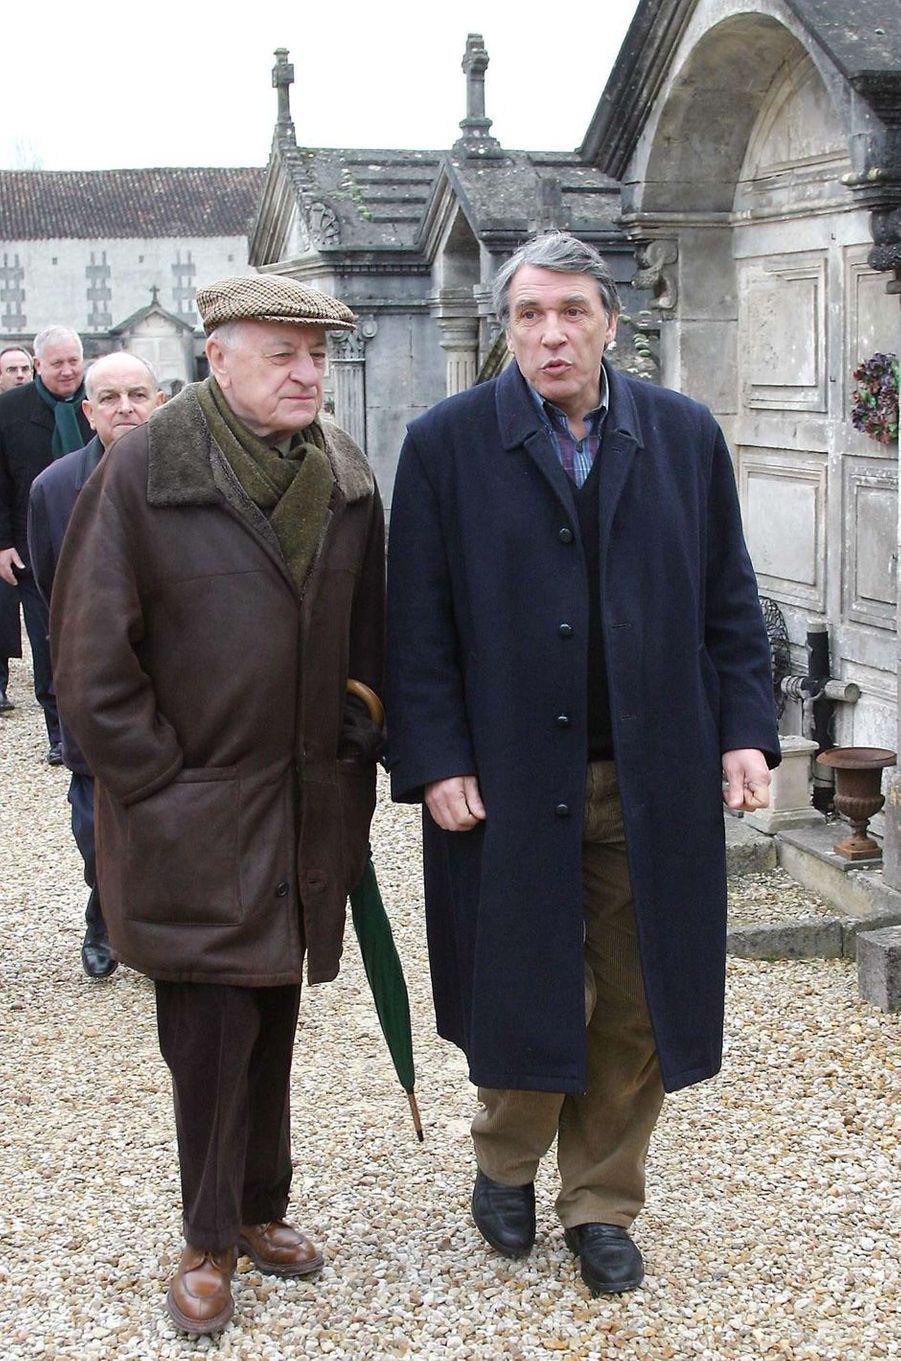 Pierre Bergé au cimetière de Jarnac en compagnie de Gilbert Mitterrand, le 08 janvier 2004, après avoir rendu hommage à François Mitterrand, à l'occasion du huitième anniversaire de sa mort.